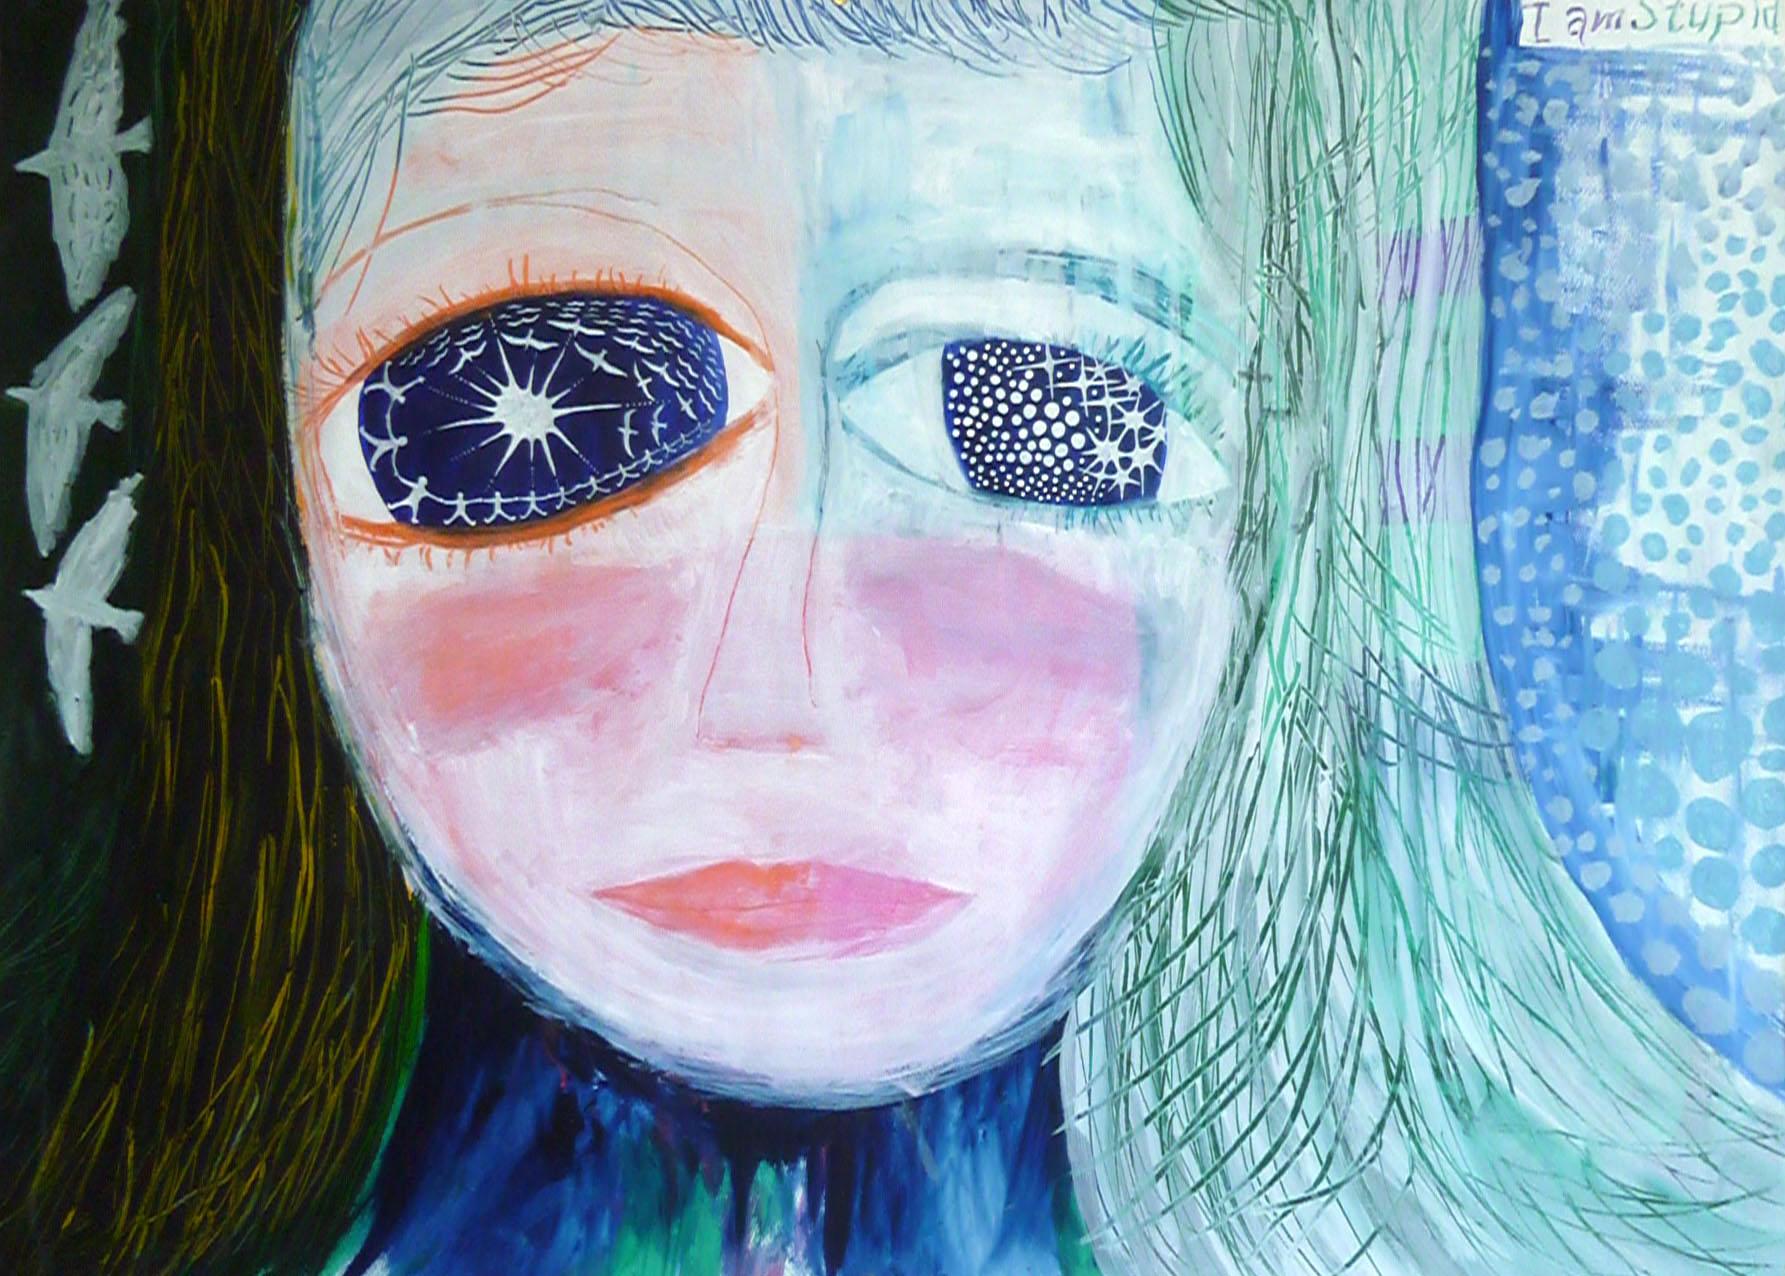 目が光る女の子